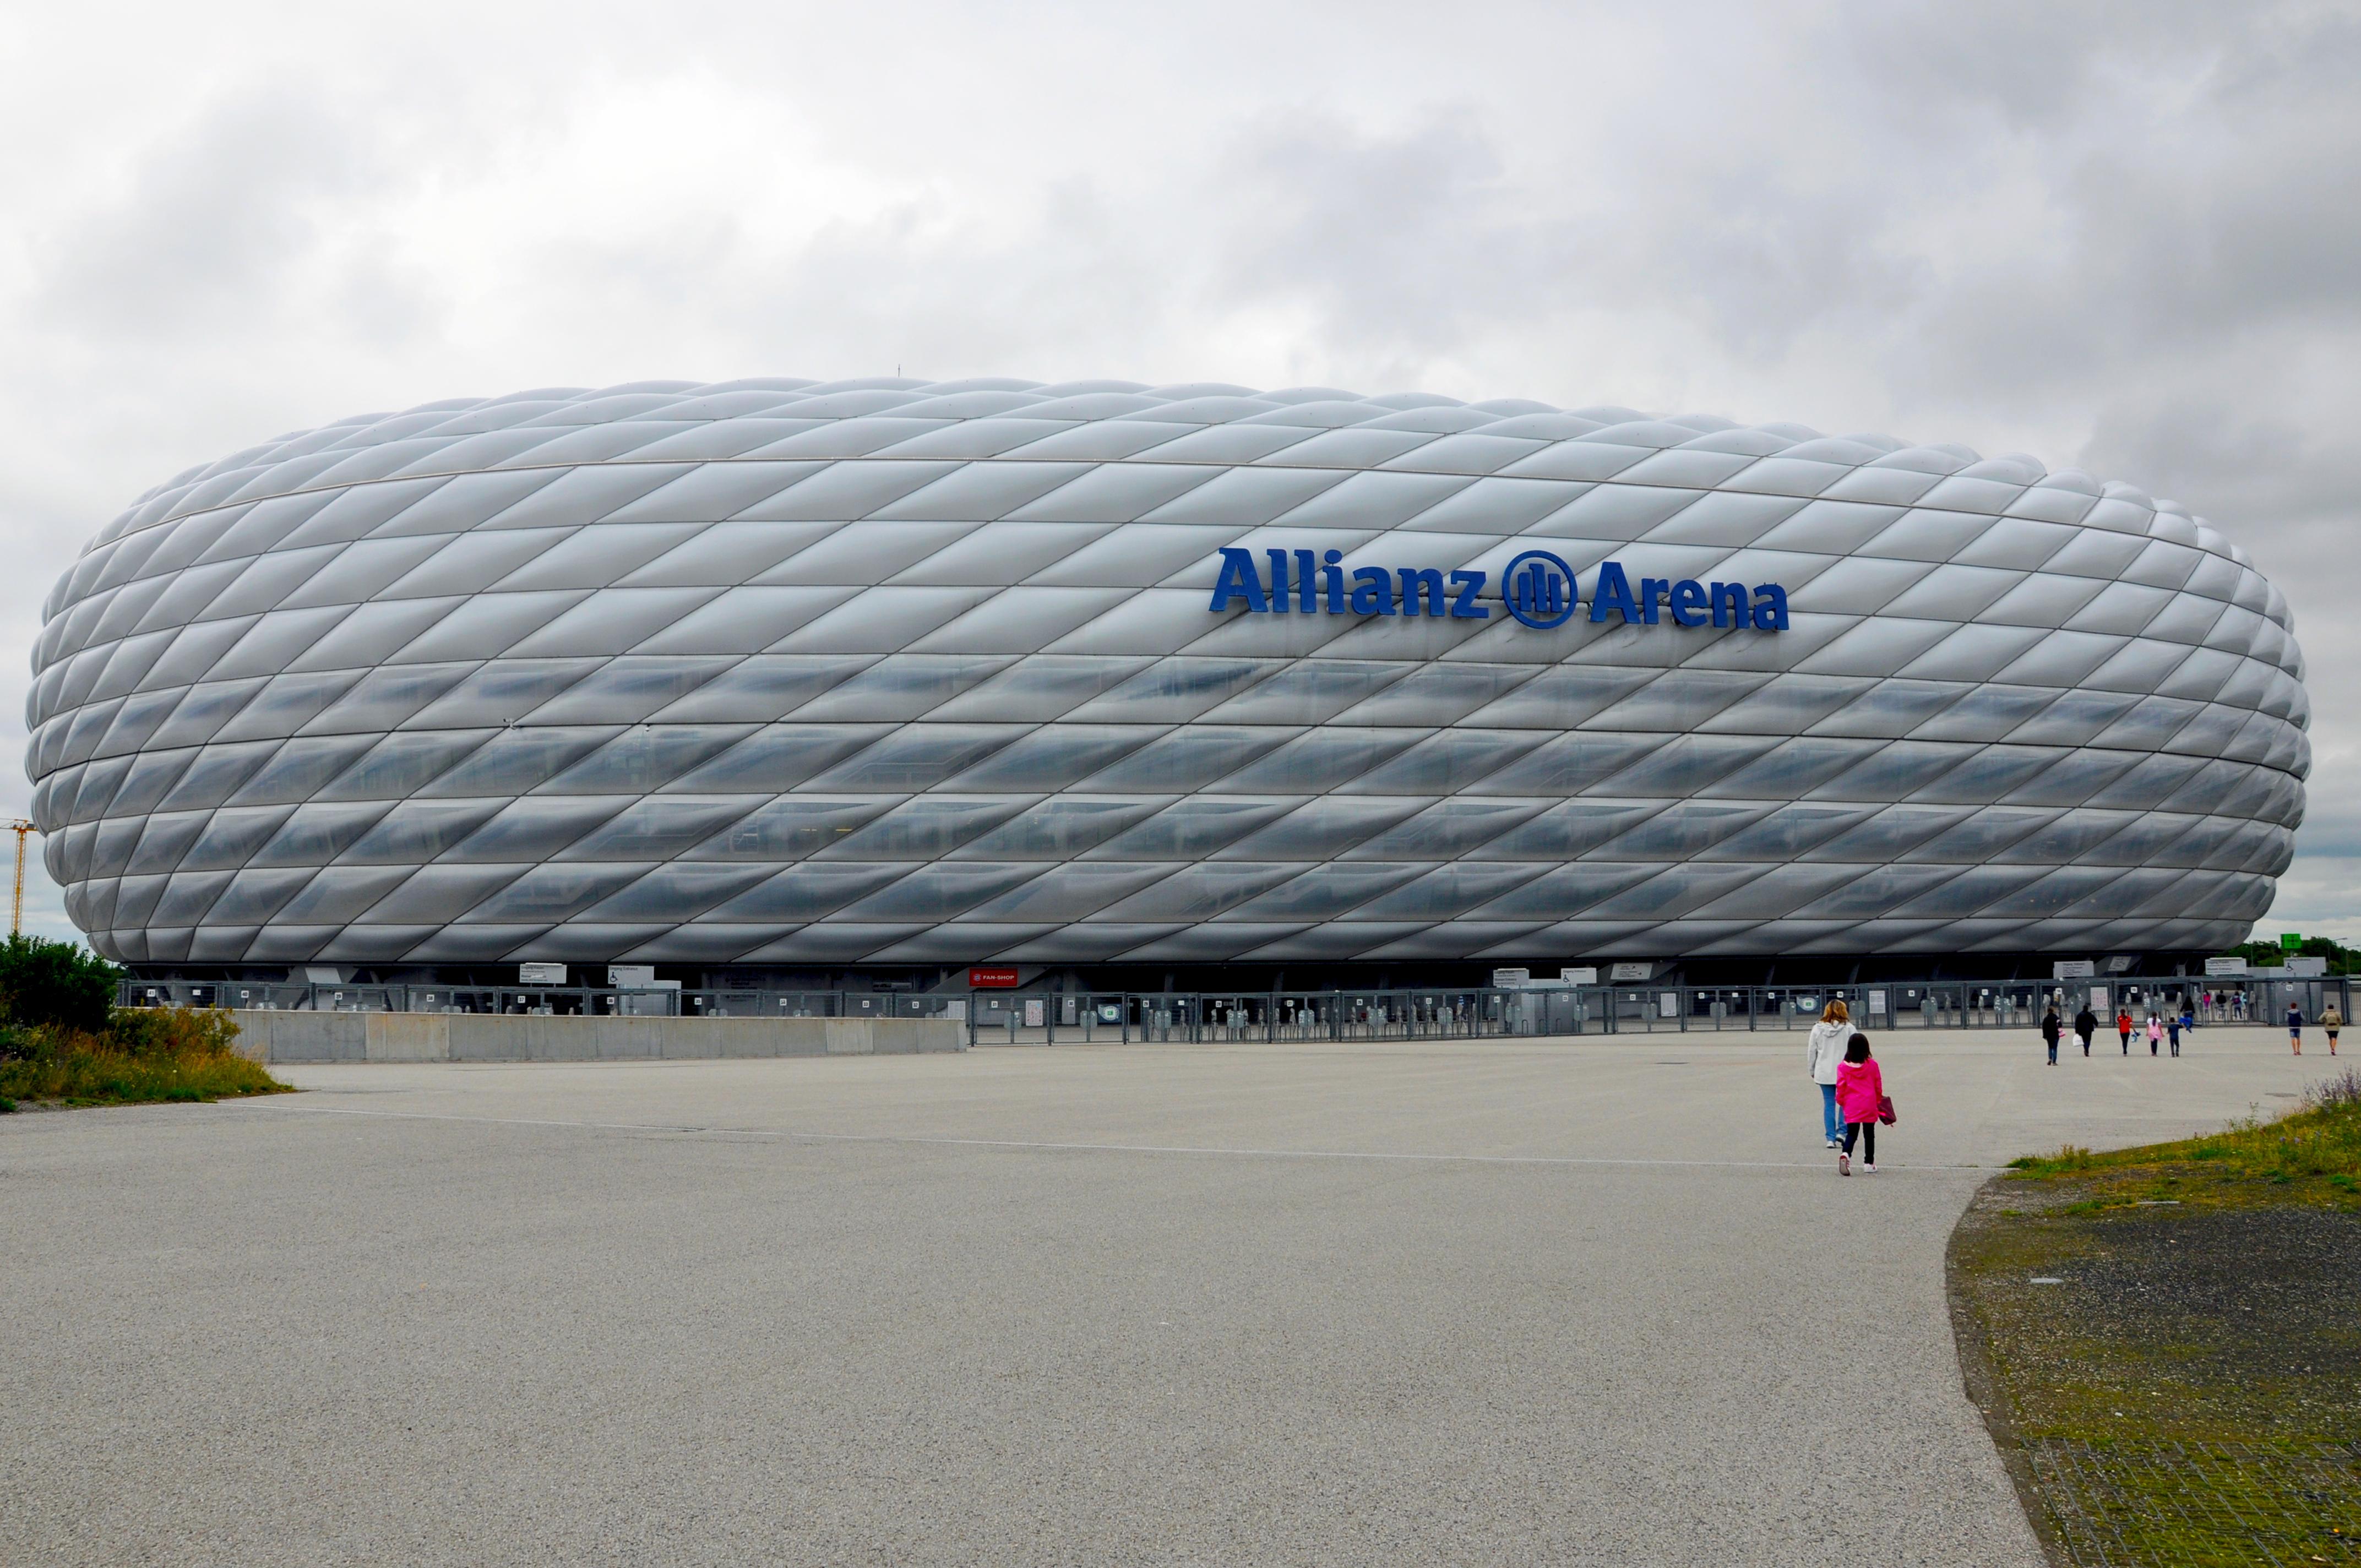 Vista exterior del estadio Allianz Arena